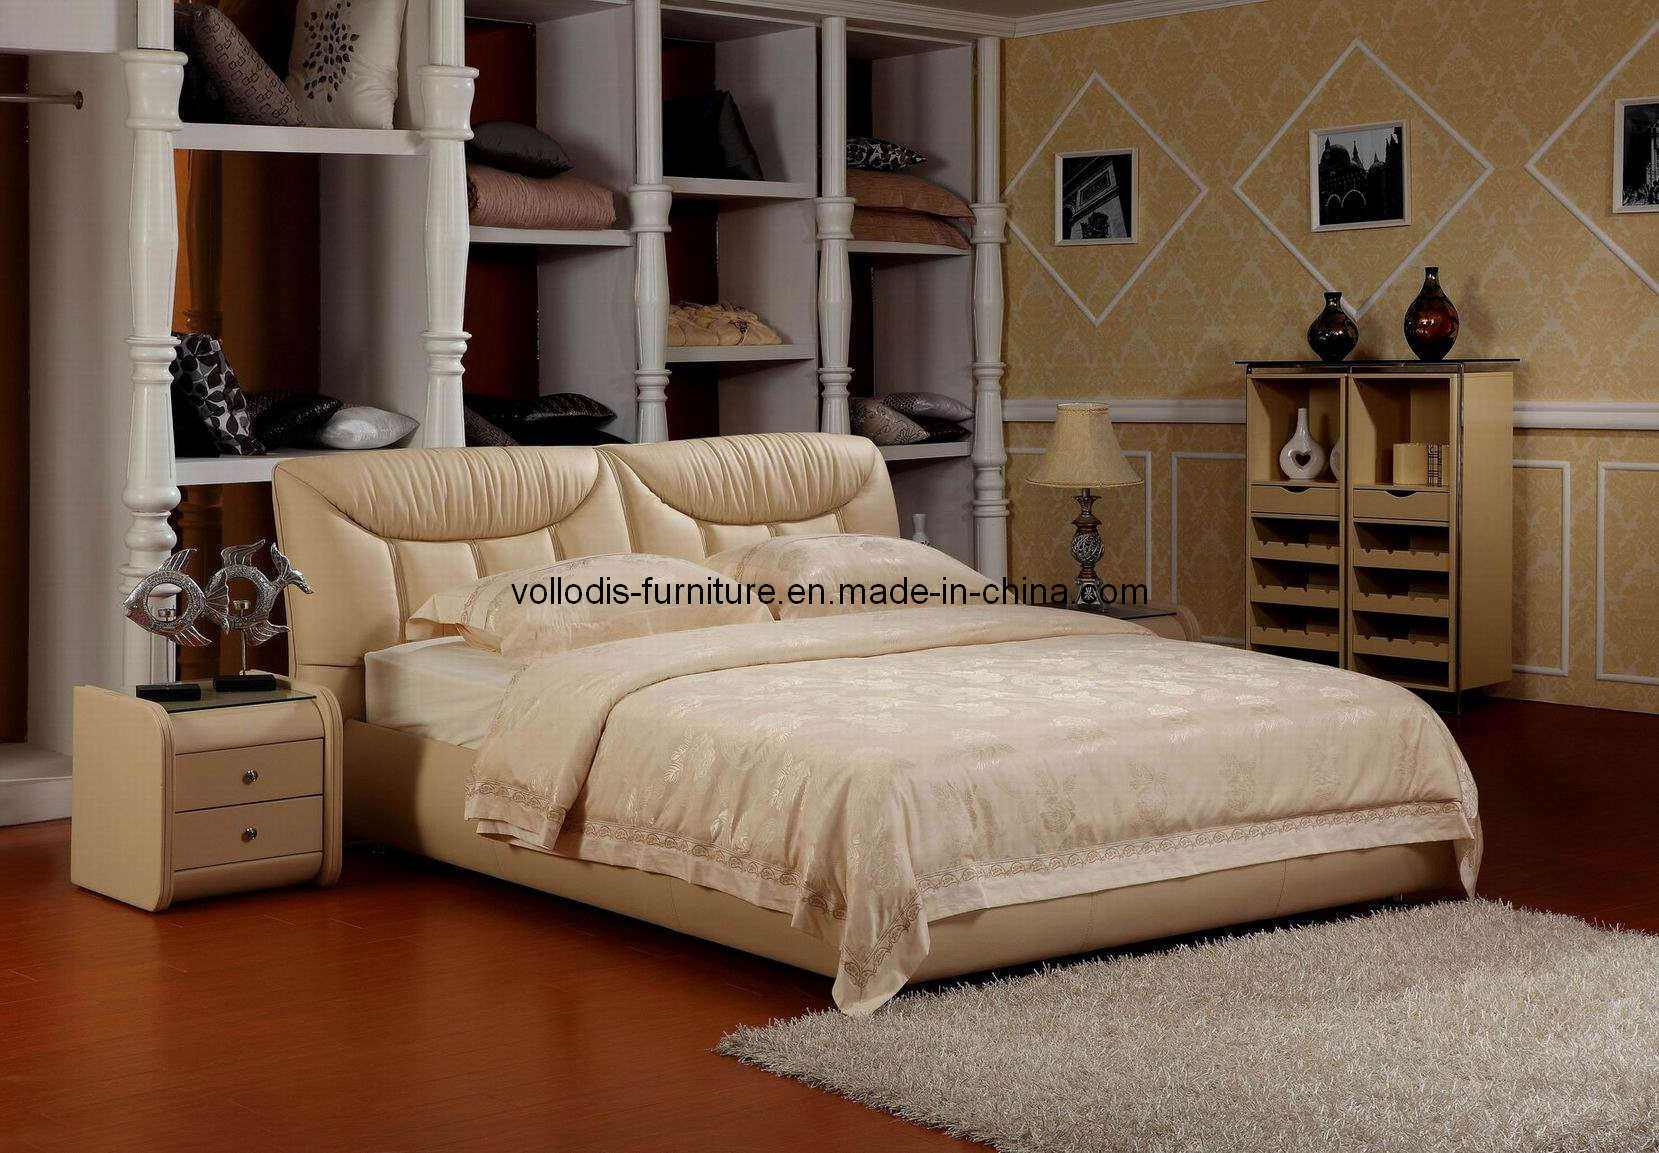 Cuisine Design Italie : Lit lit et de meubles et de cuir modernes de chambre à coucher (B811